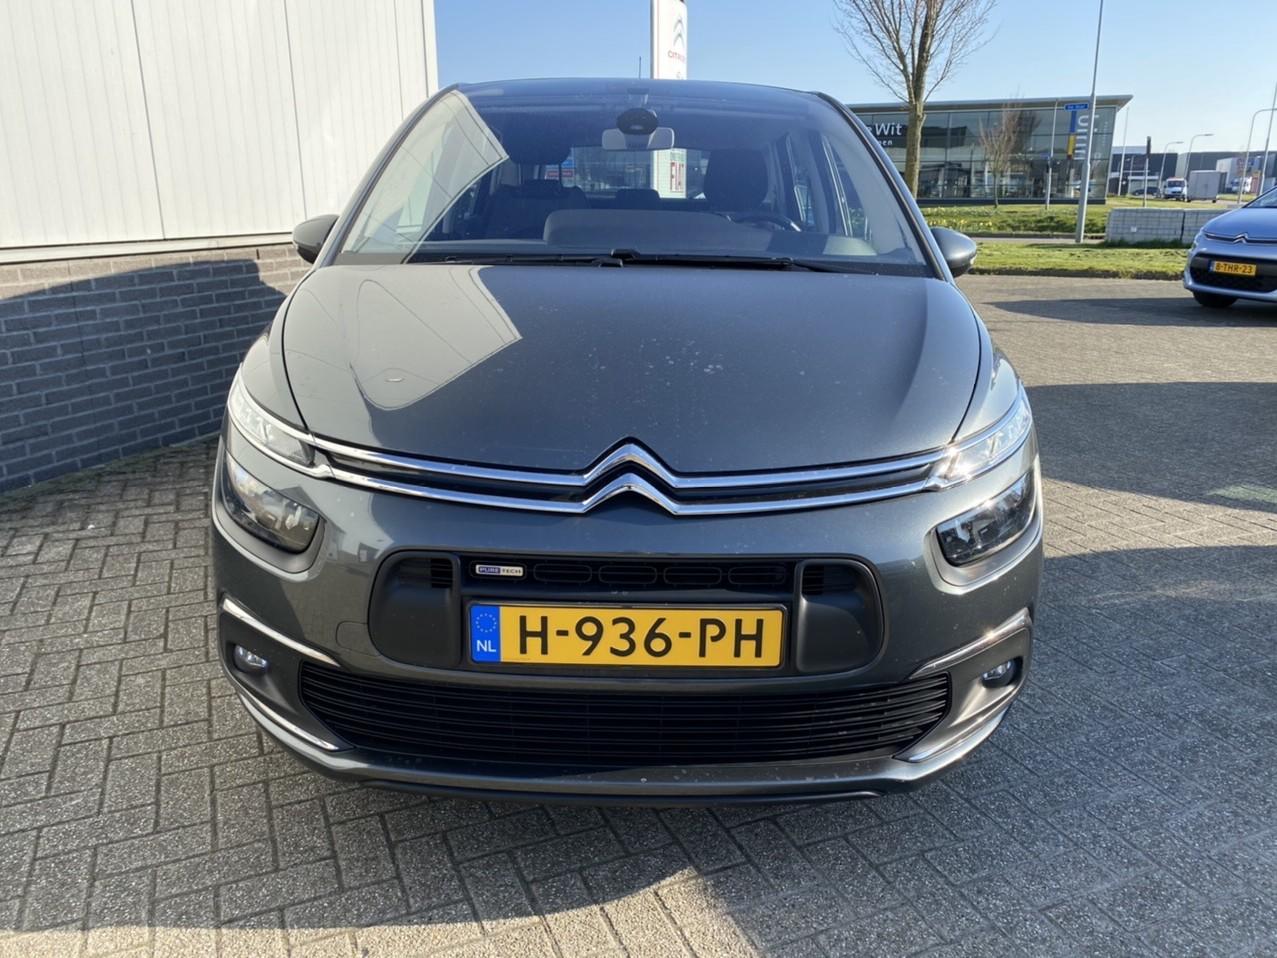 Citroën C4 picasso 130pk automaat selection rijklaar prijs